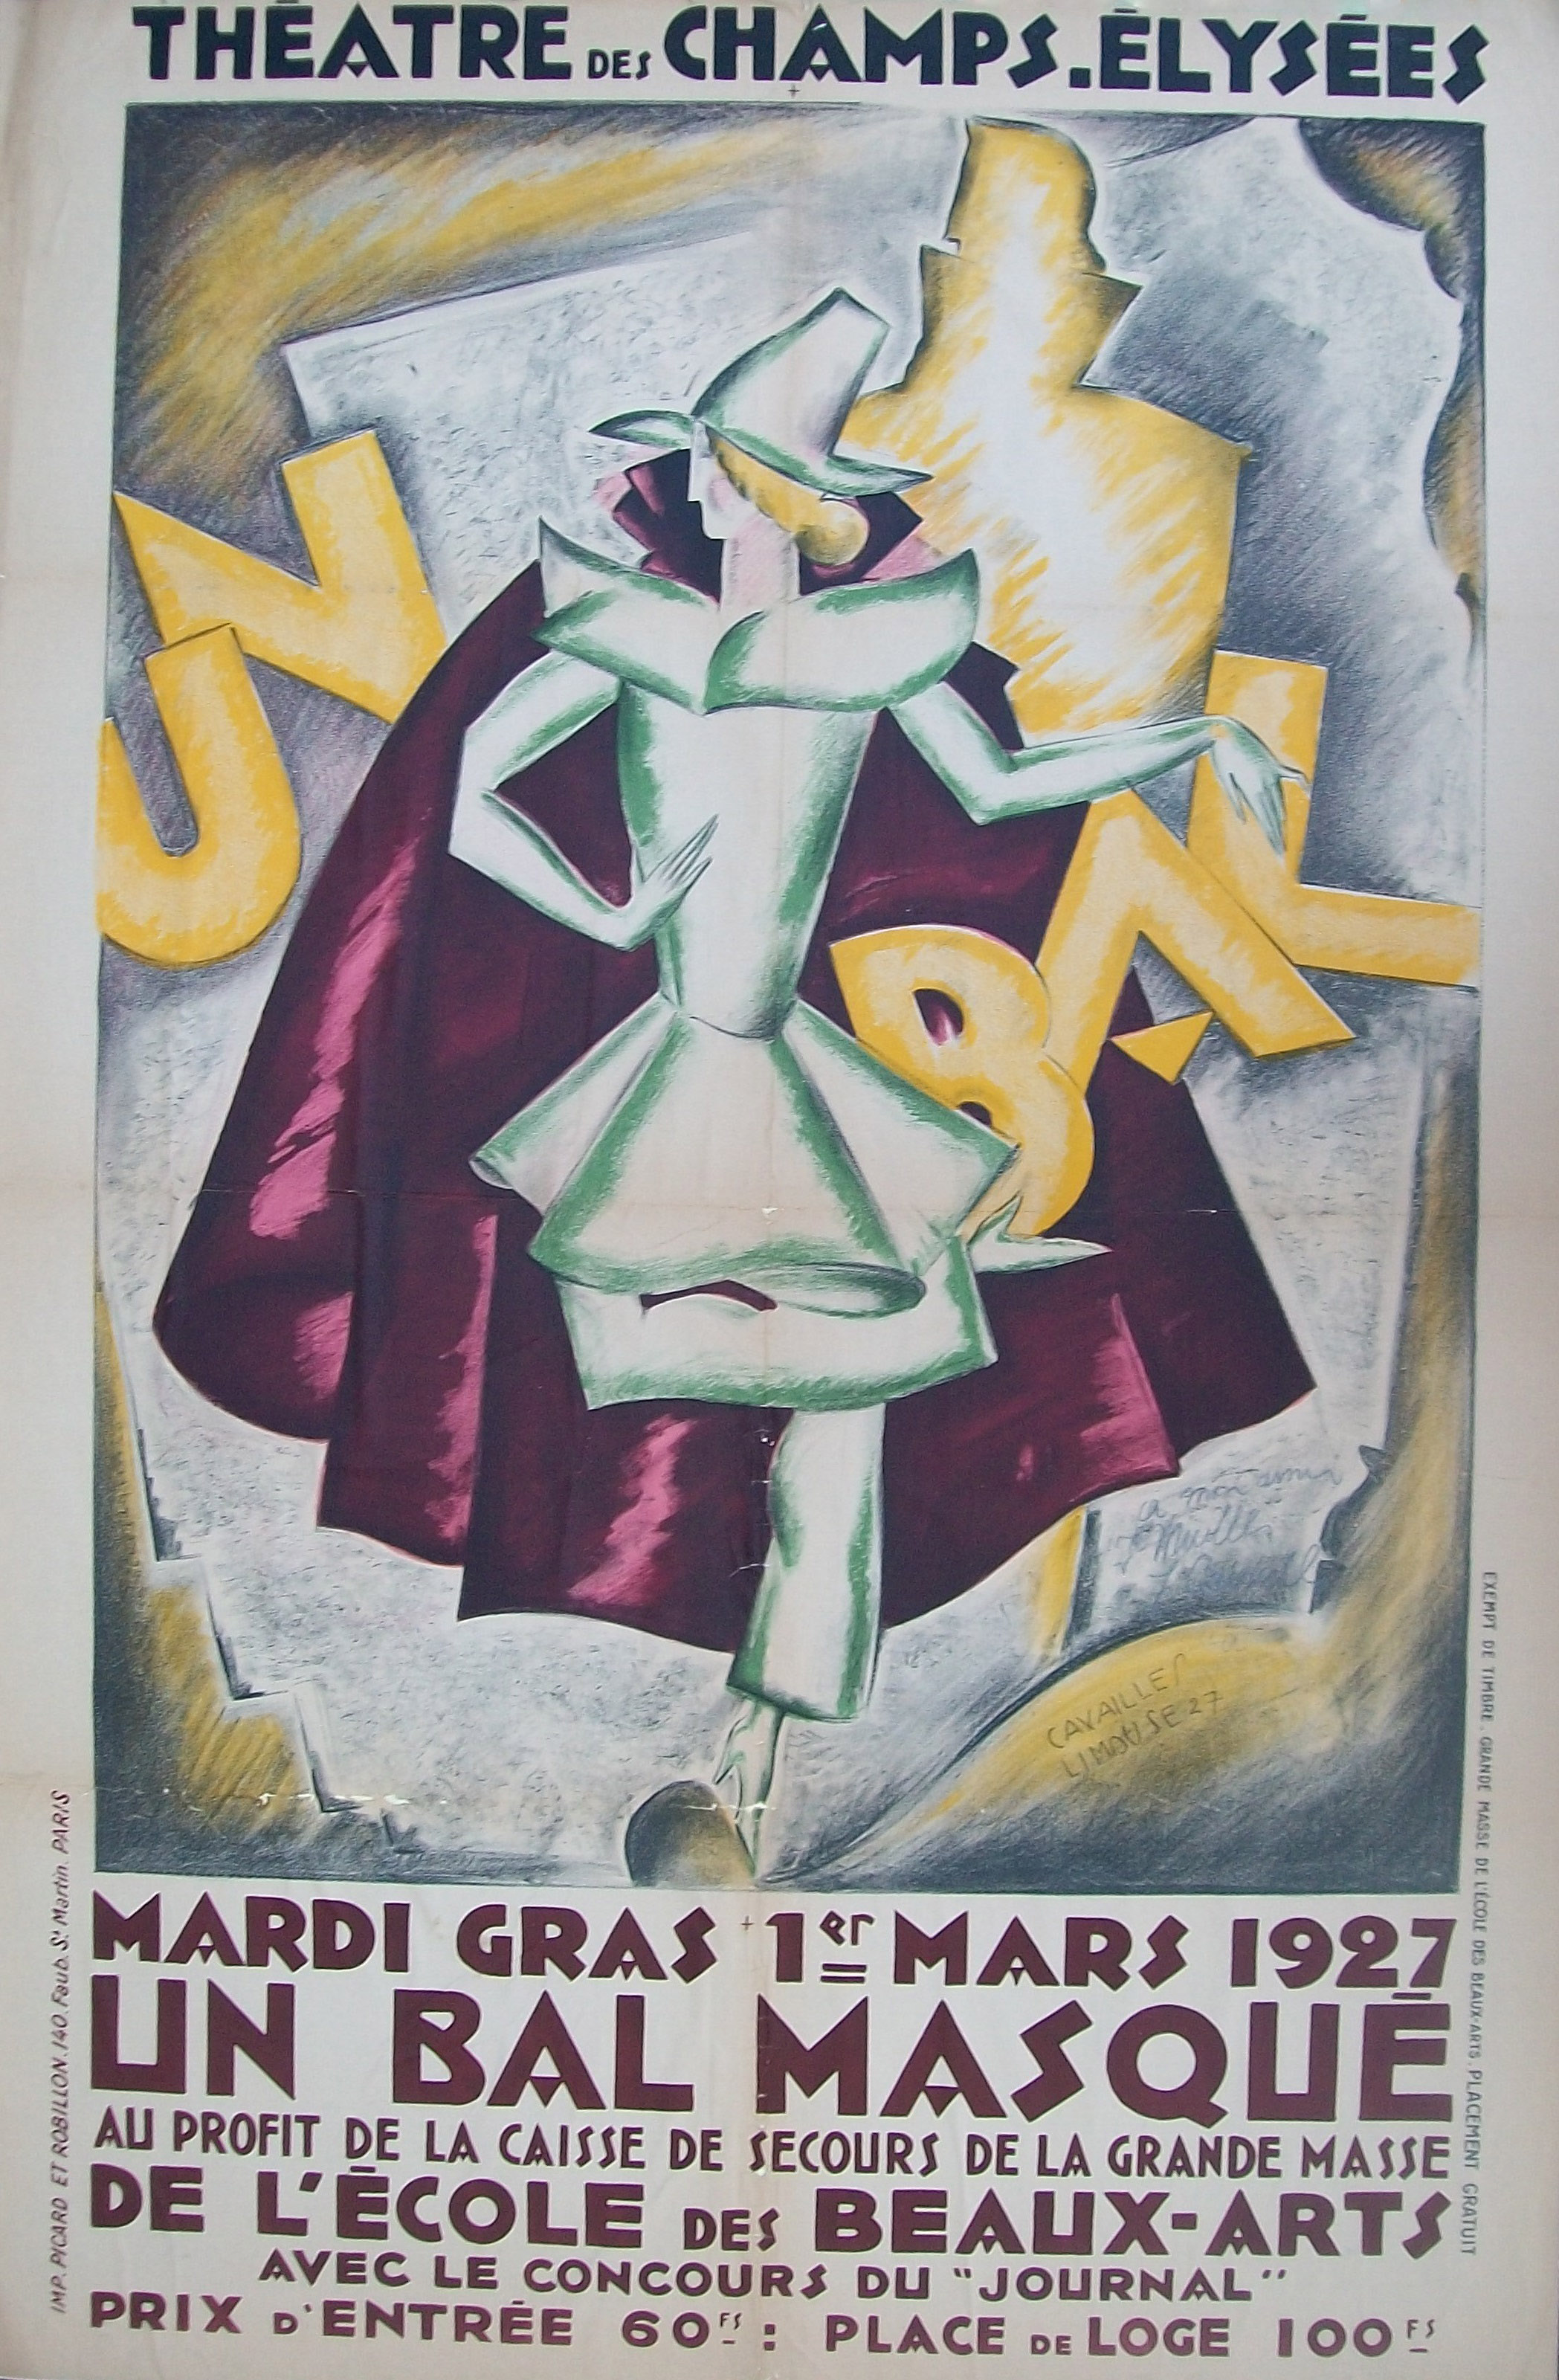 1927-affiche-Bal-masque.jpg